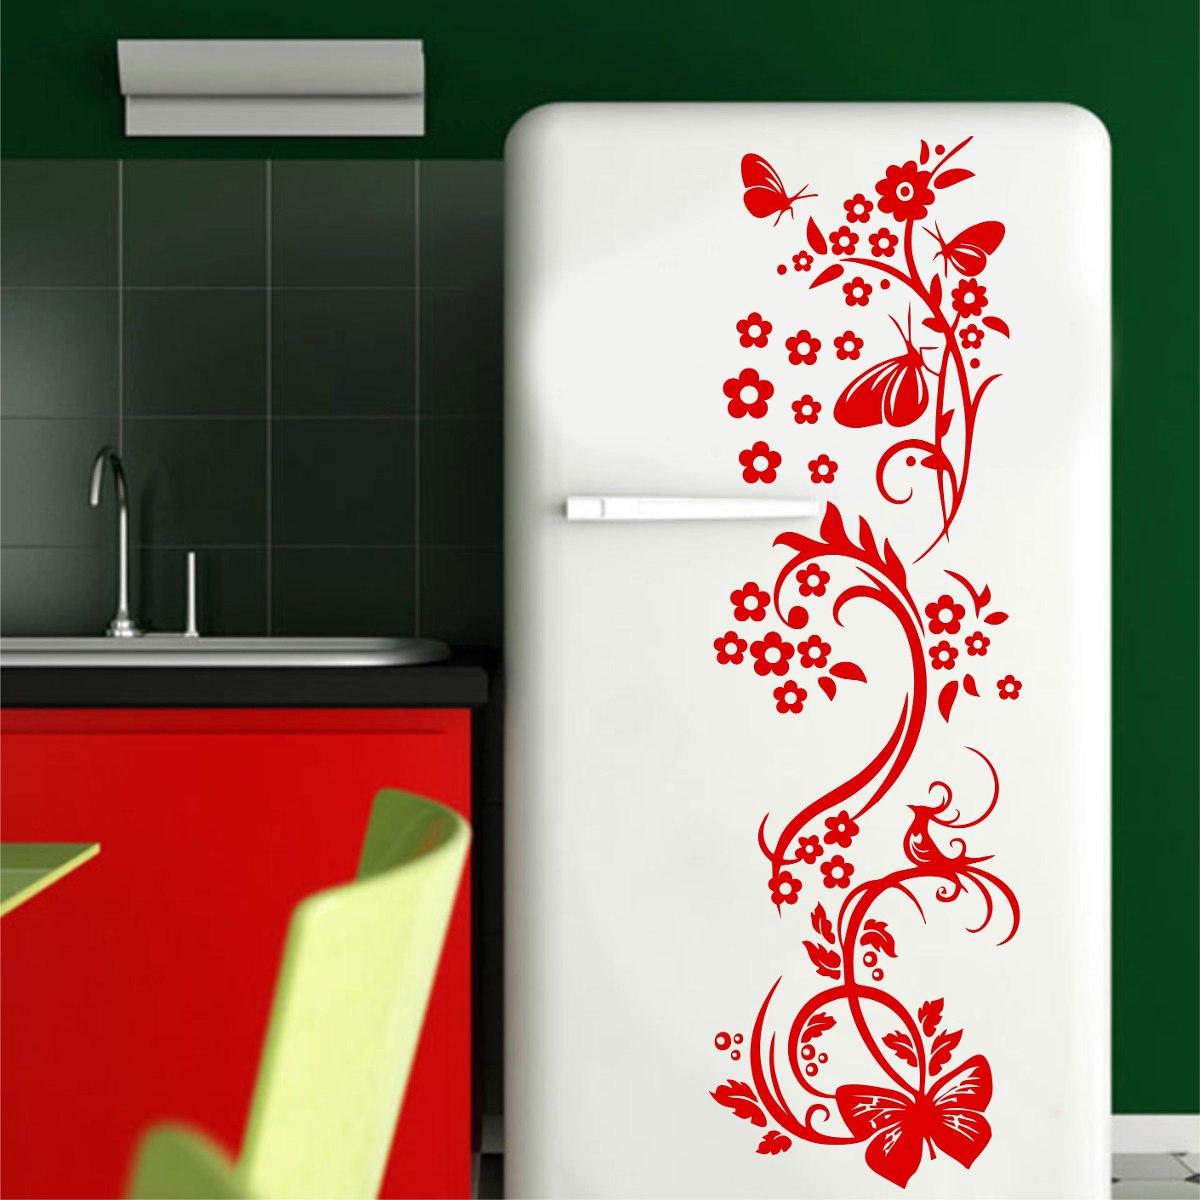 Aparador Verde Envejecido ~ Adesivo Decorativo Parede Floral Borboleta Box Geladeira R$ 19,99 no MercadoLivre